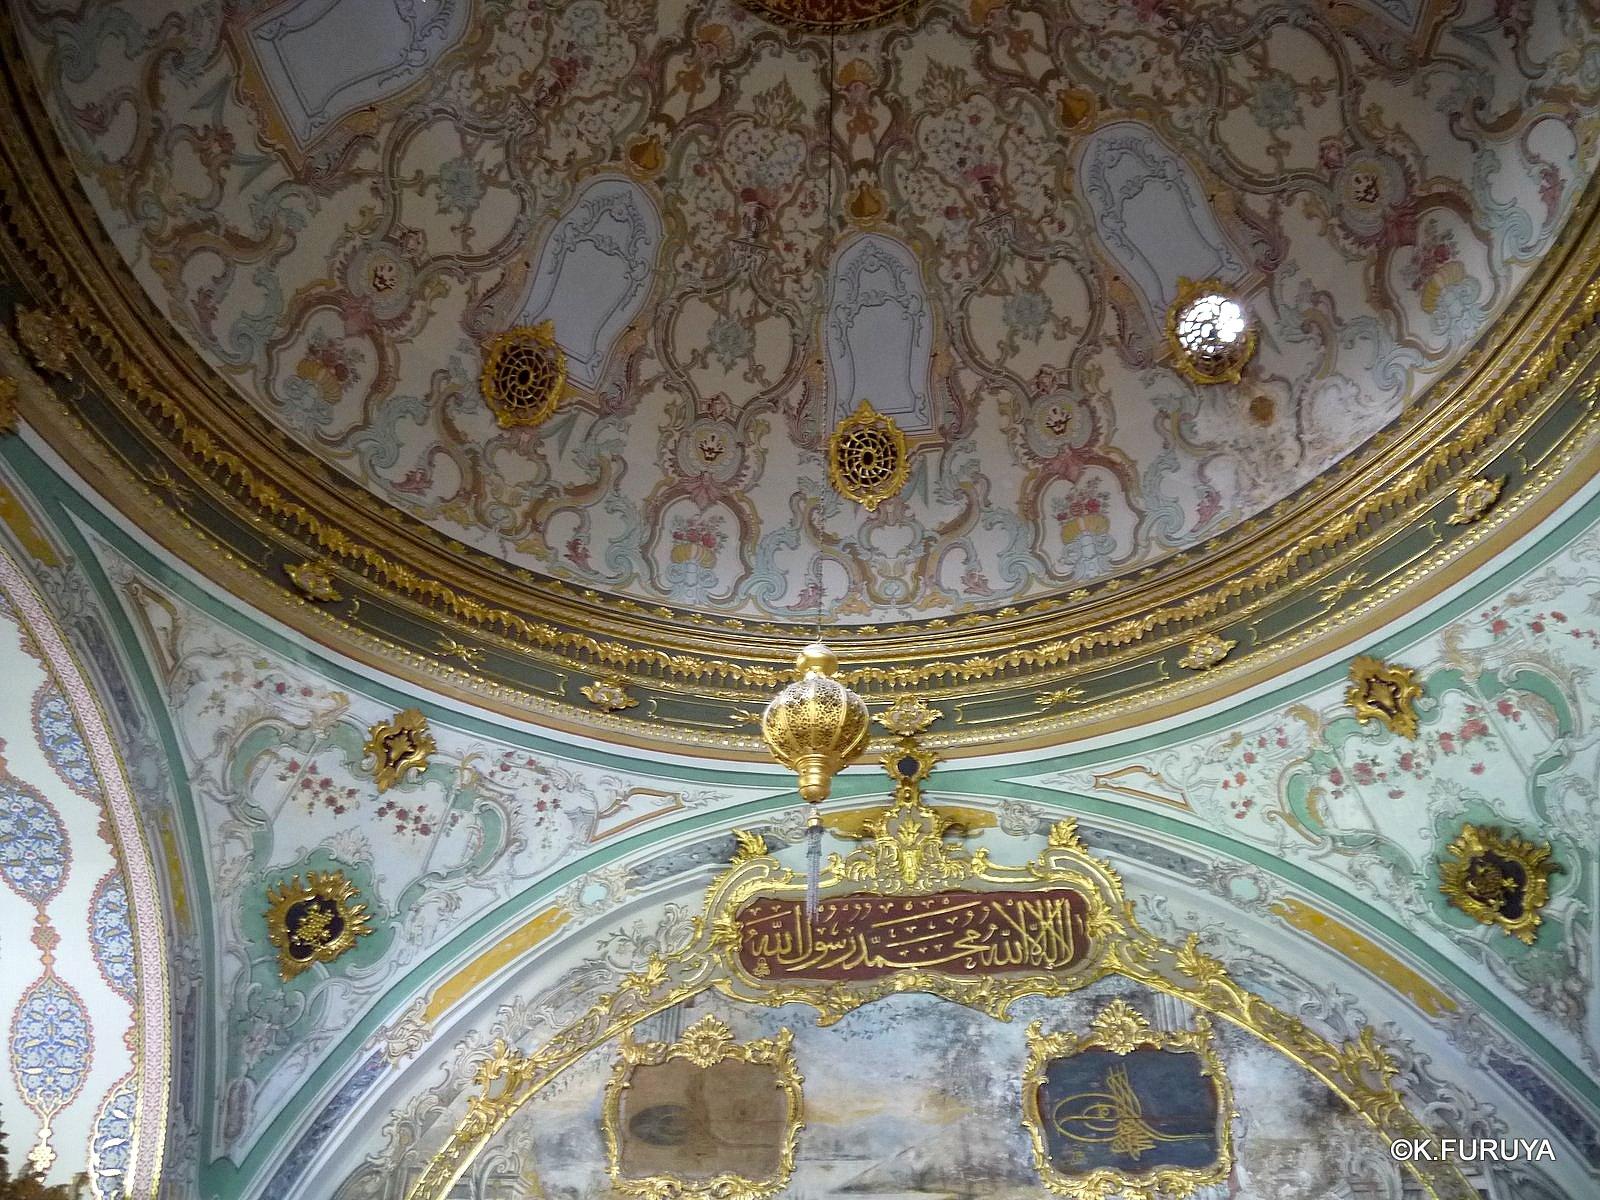 トルコ旅行記 35 トプカピ宮殿Ⅱ ハレム_a0092659_9473292.jpg